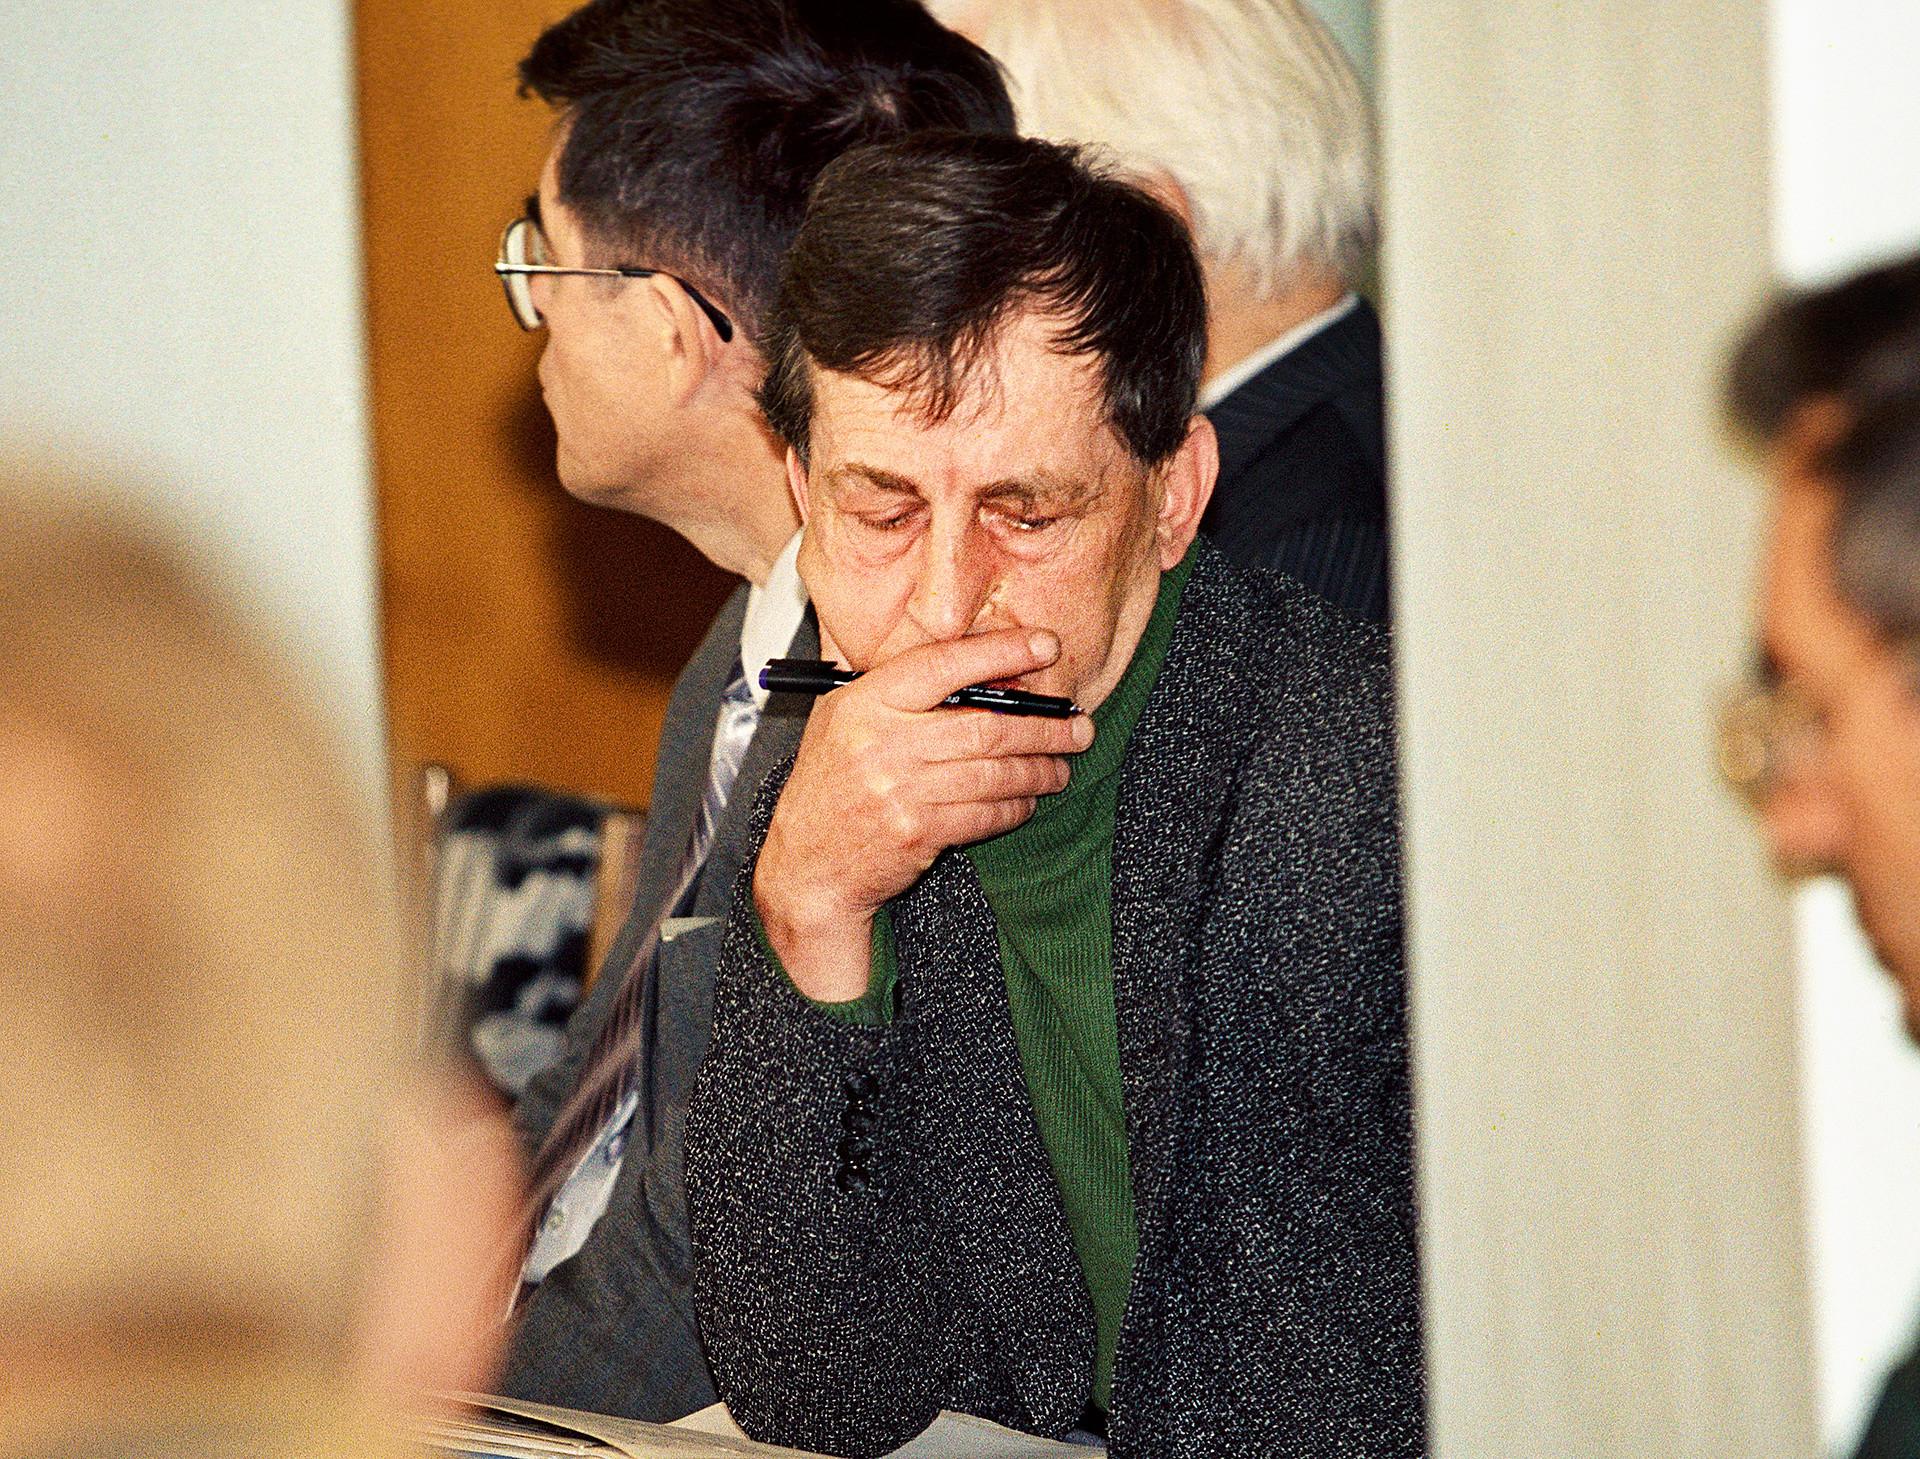 Анатолиј Бугорски, главниот координатор на експерименталните работи на акцелераторот У-70, Институт за физика на високи енергии, Протвино.